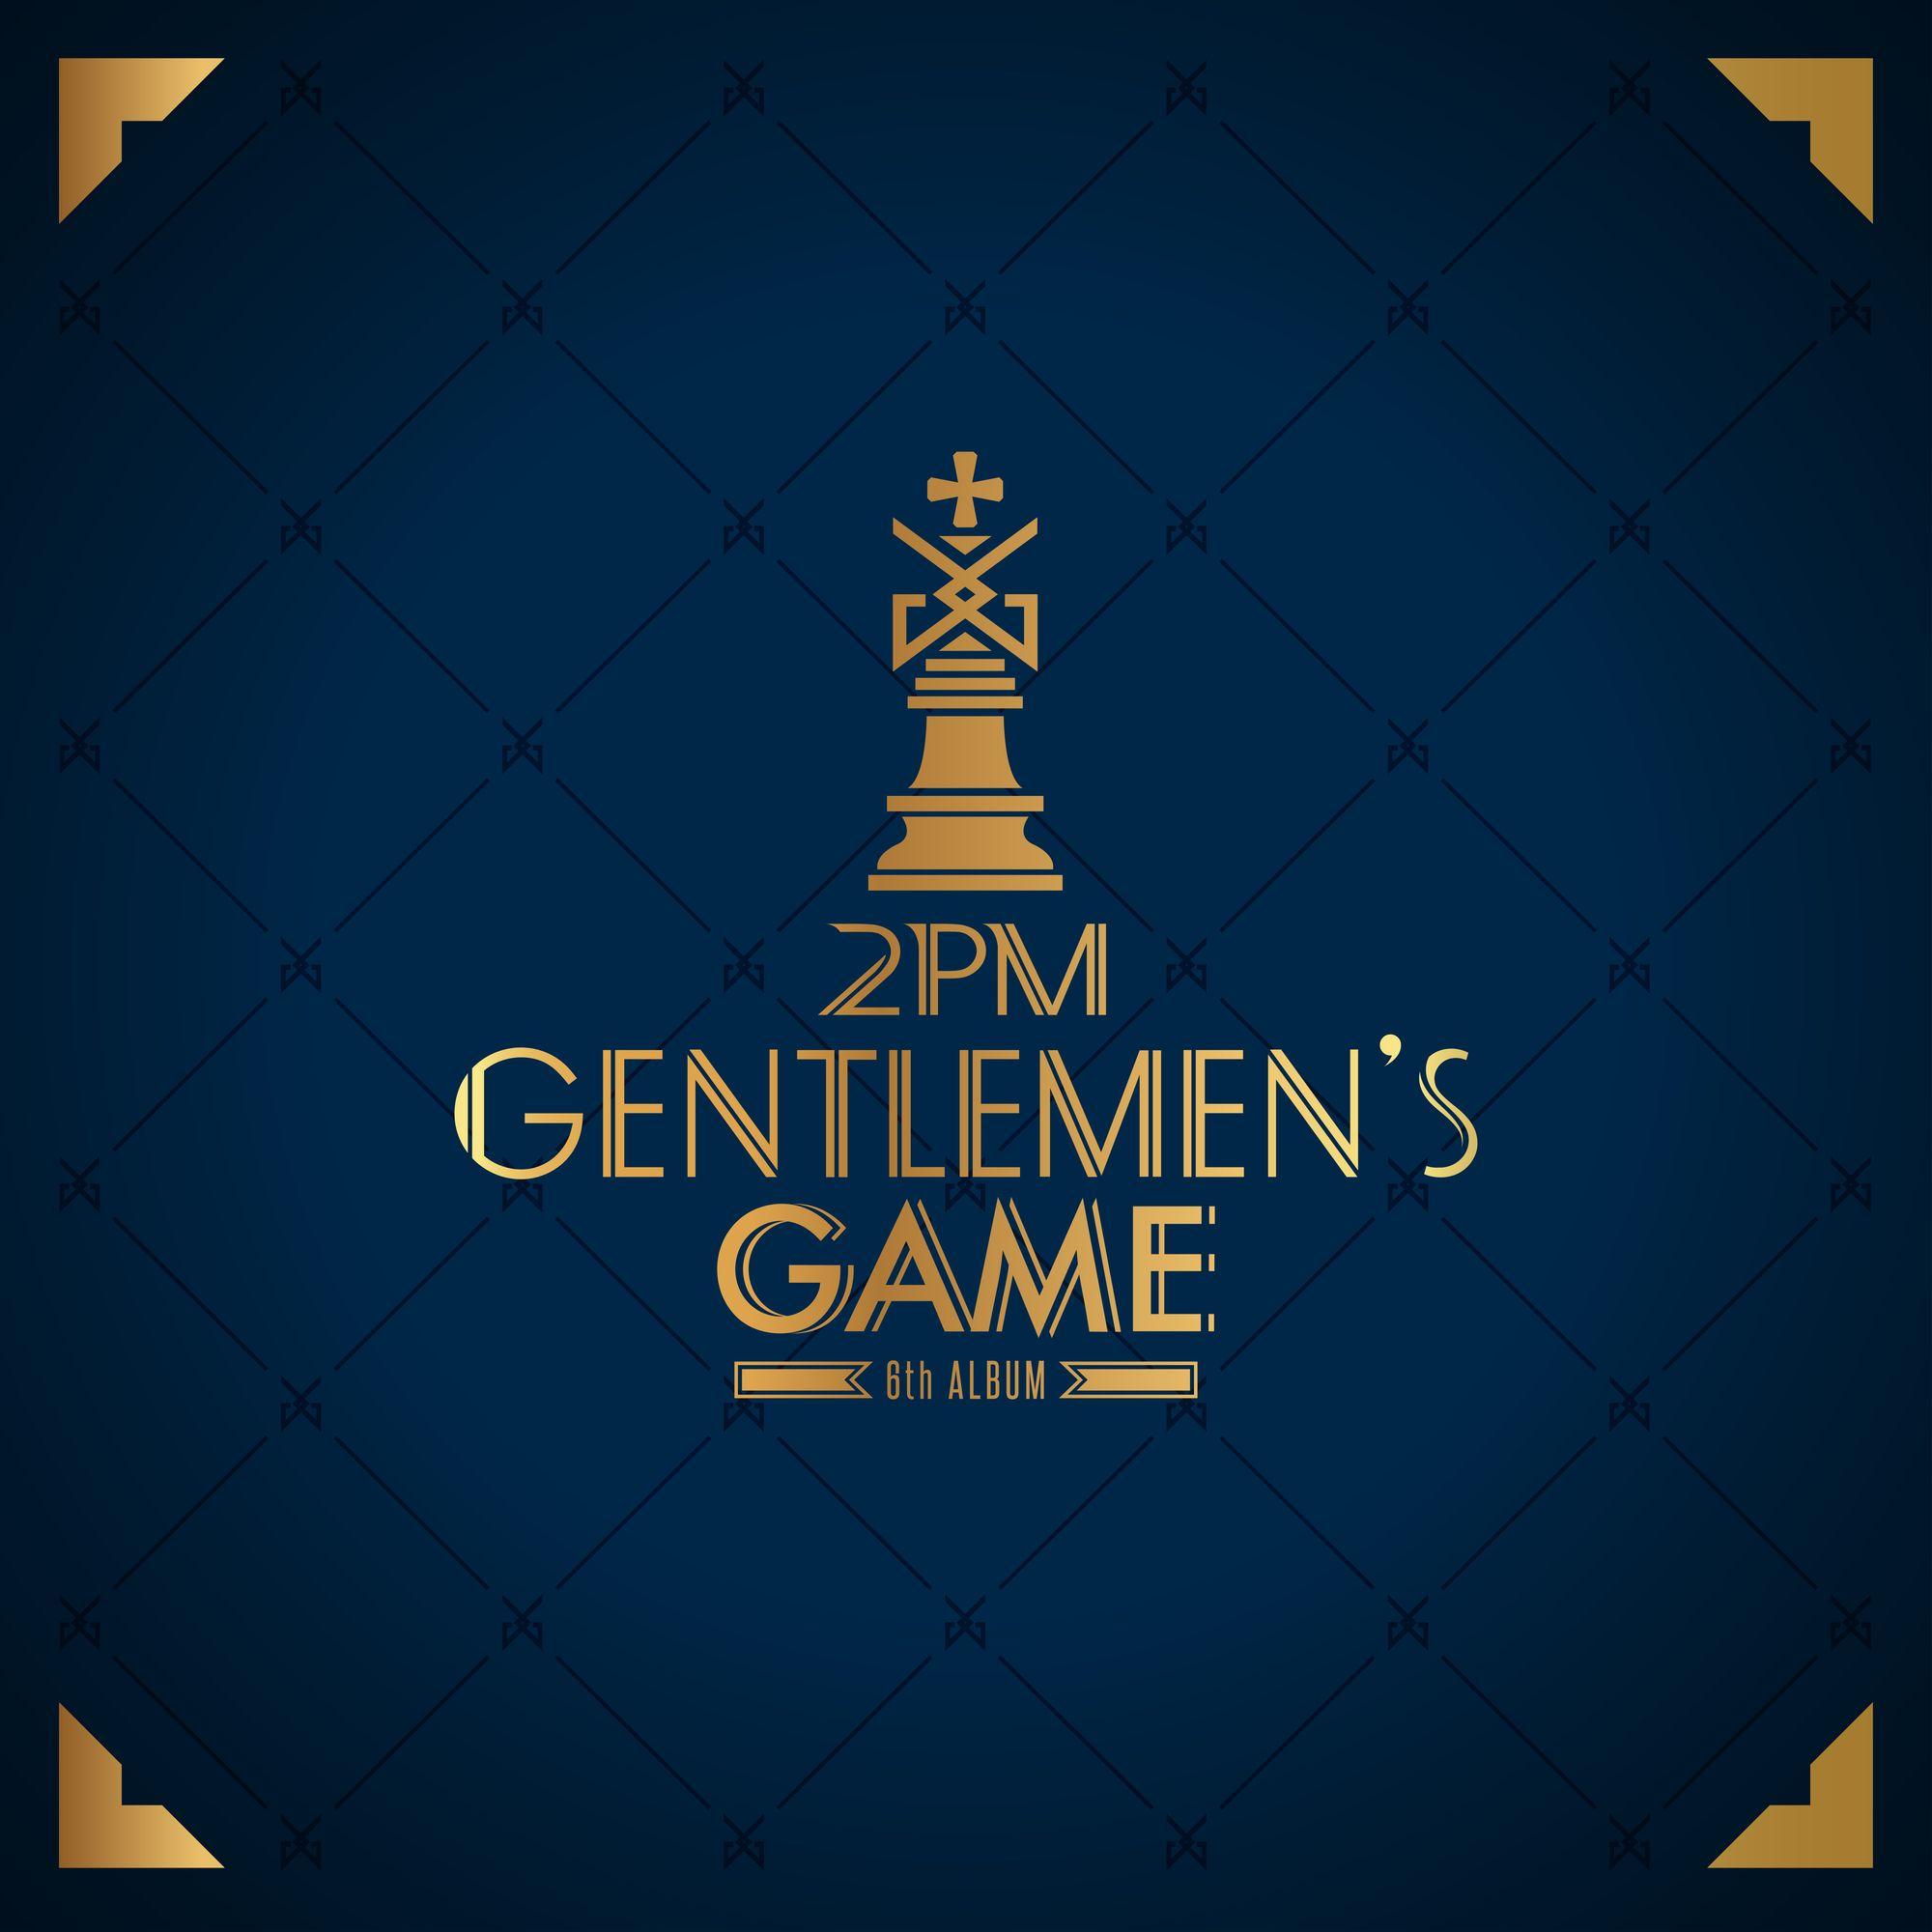 [2PM] GENTLEMEN`S GAME